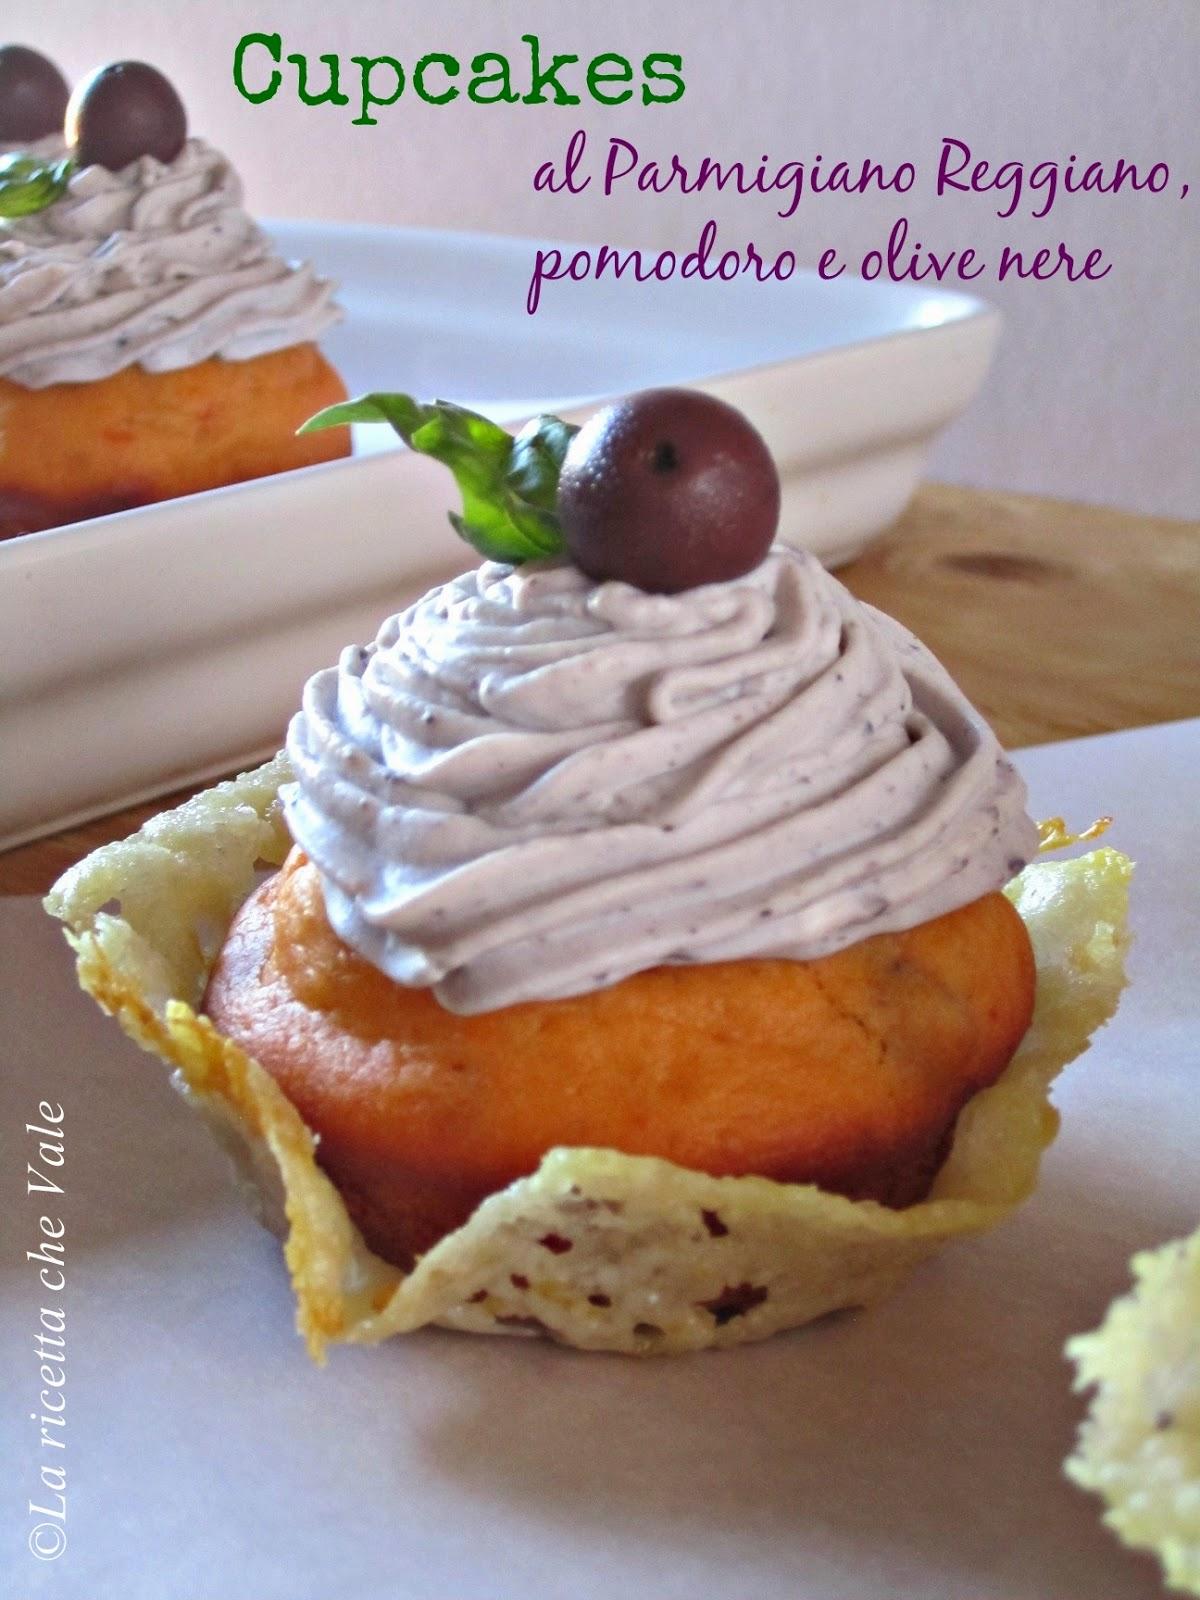 cupcakes al parmigiano reggiano, pomodoro e olive nere